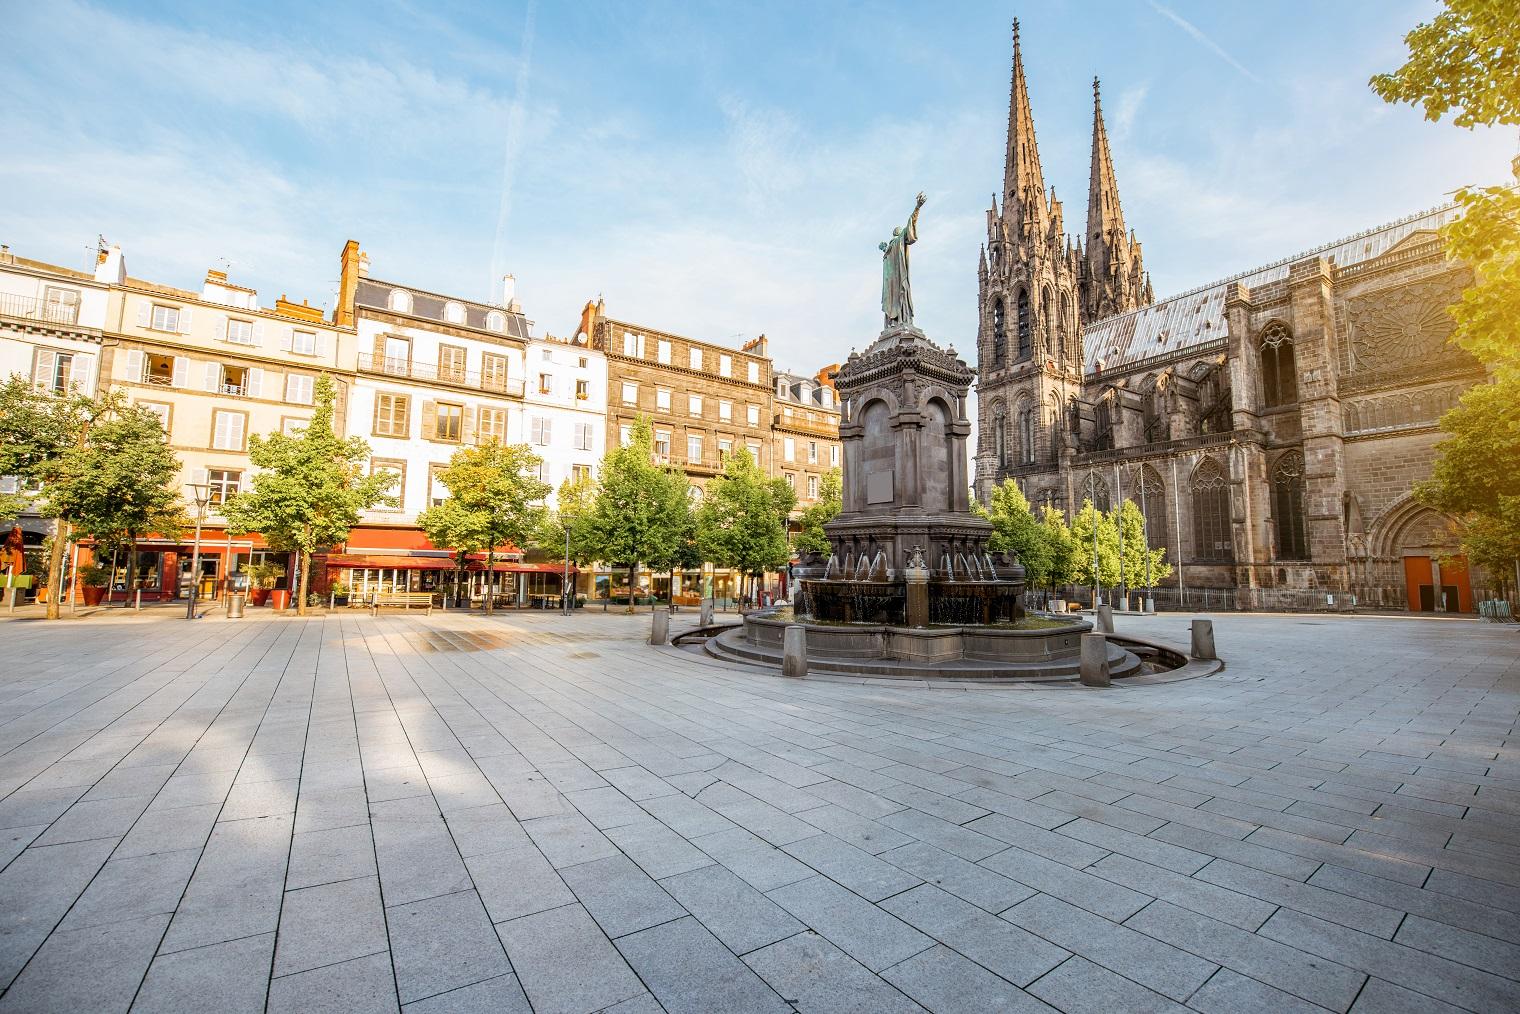 Amelkis sera présent au 73ème Congrès de l'Ordre des Experts-comptables à Clermont-Ferrand